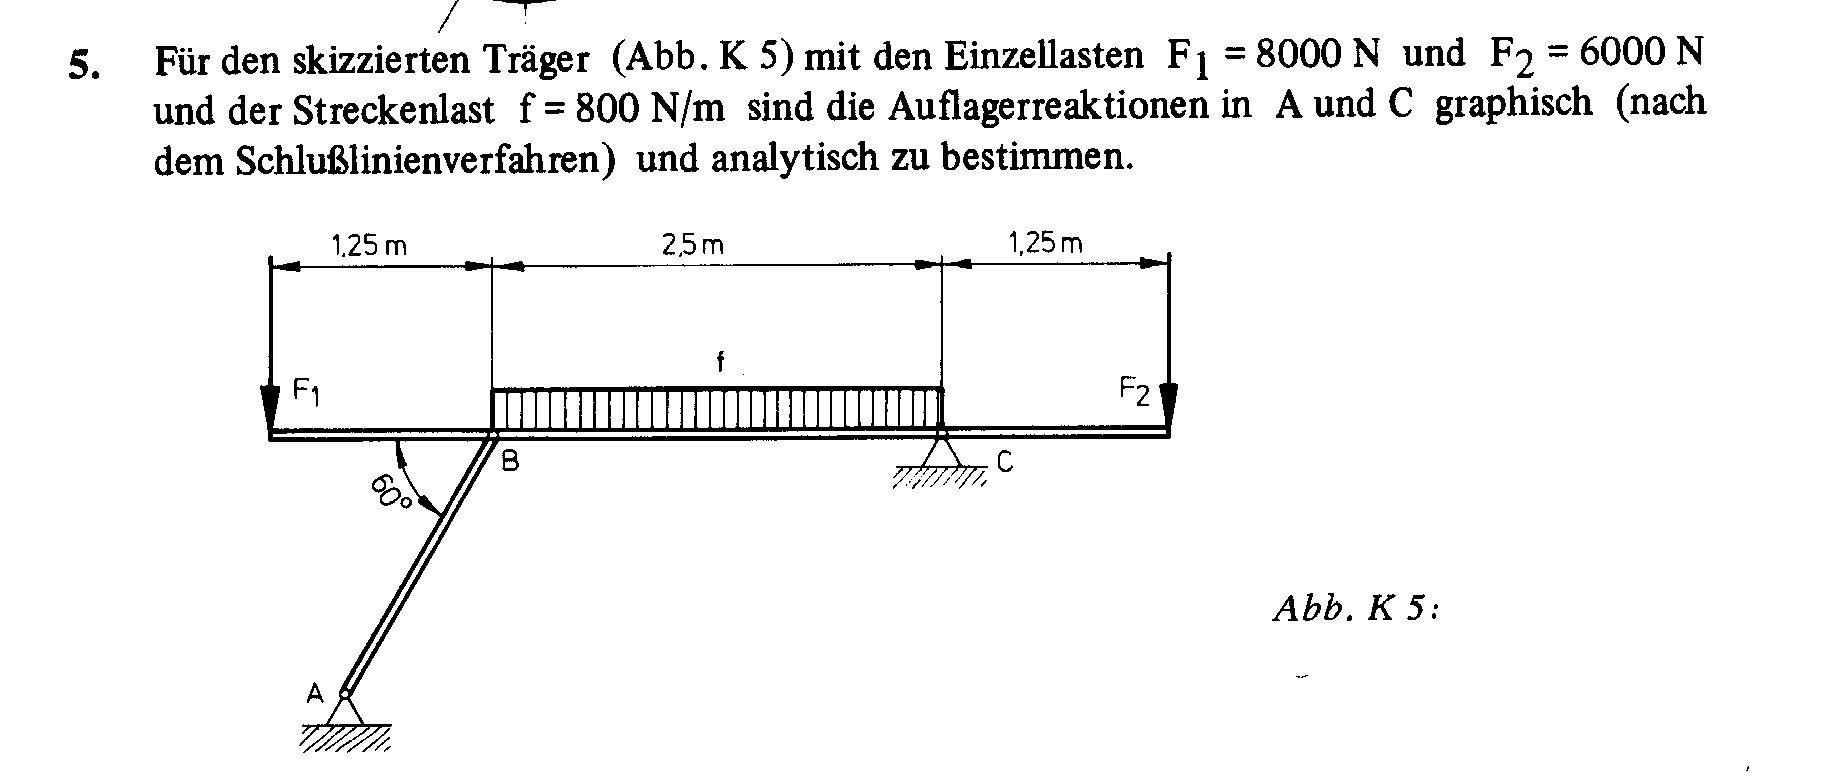 Zahlreich mathematik hausaufgabenhilfe technische for Statik balken berechnen